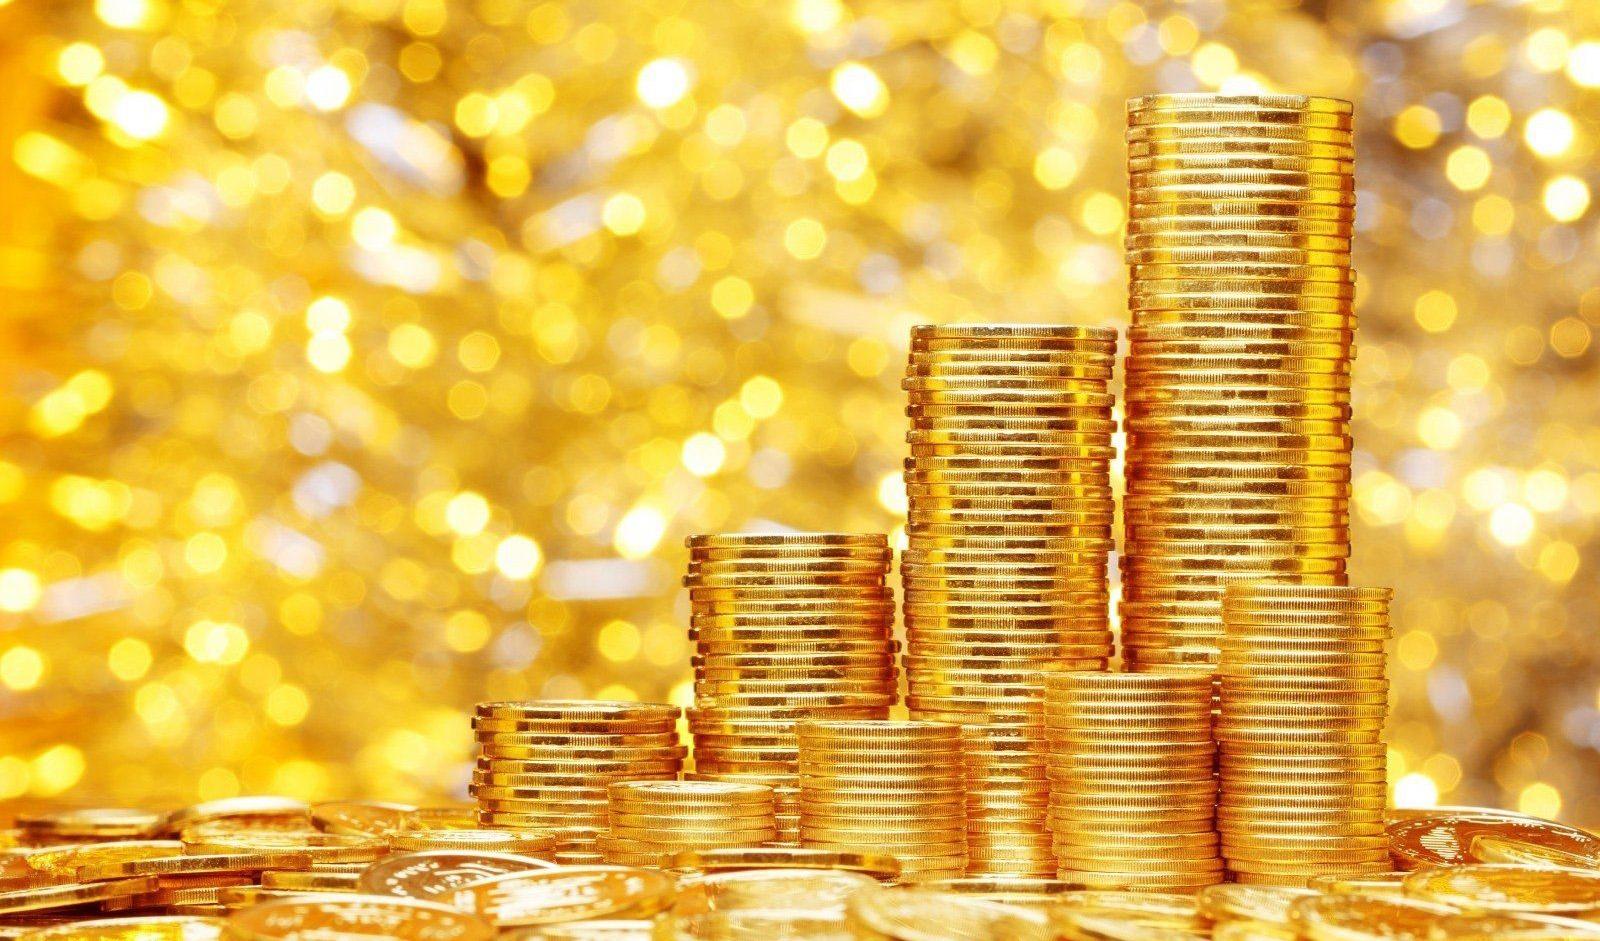 ثبات نسبی قیمت طلا در بازارهای داخلی